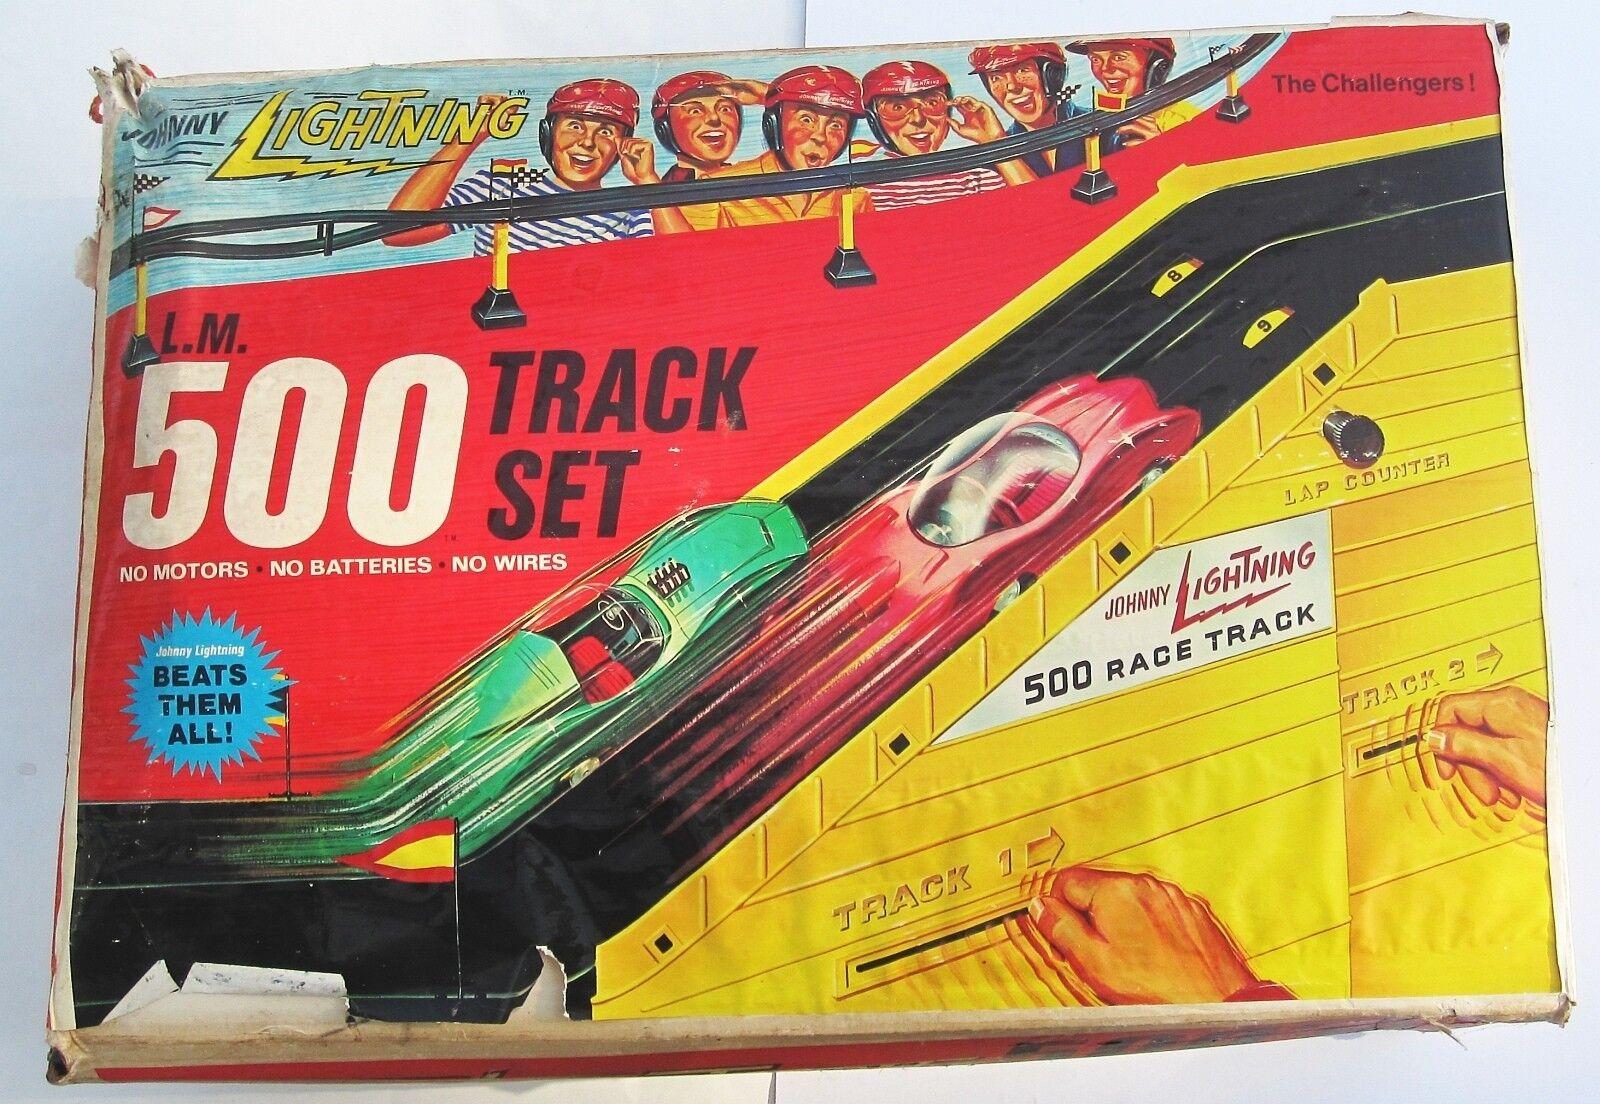 1969 Décoration de Gâteaux Johnny Lightning Course 500 Jeu Set de Rail rougeline